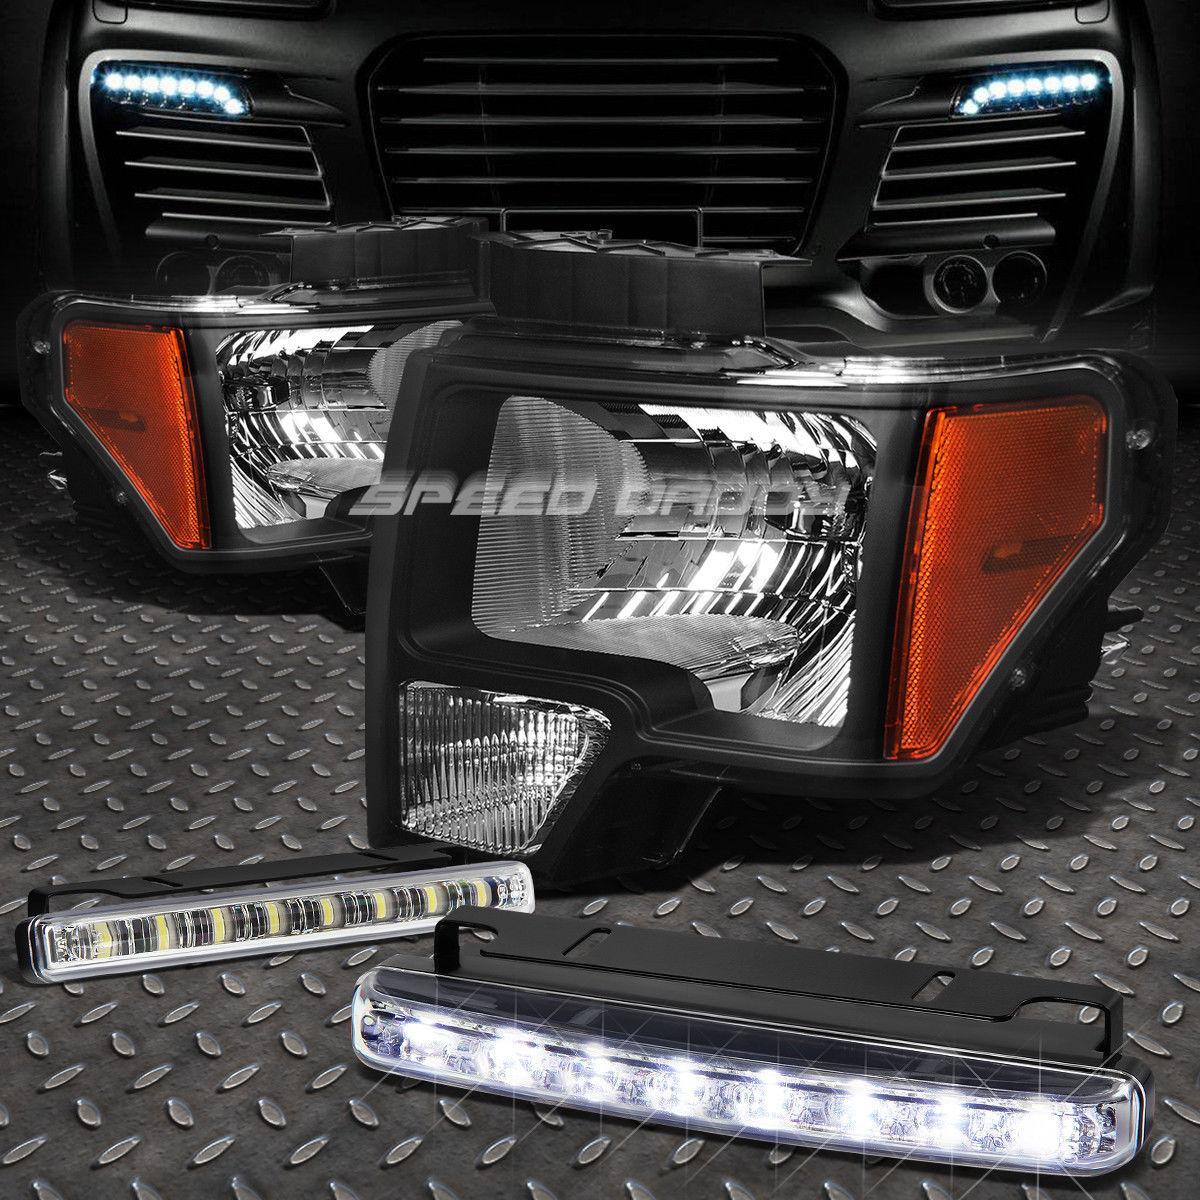 フォグライト BLACK HOUSING HEADLIGHT AMBER CORNER+8 LED GRILL FOG LIGHT FOR 09-14 FORD F150 ブラックハウジングヘッドライトアンバーコーナー+ 9-14フォードF150のための8つのLEDグリルフォグライト